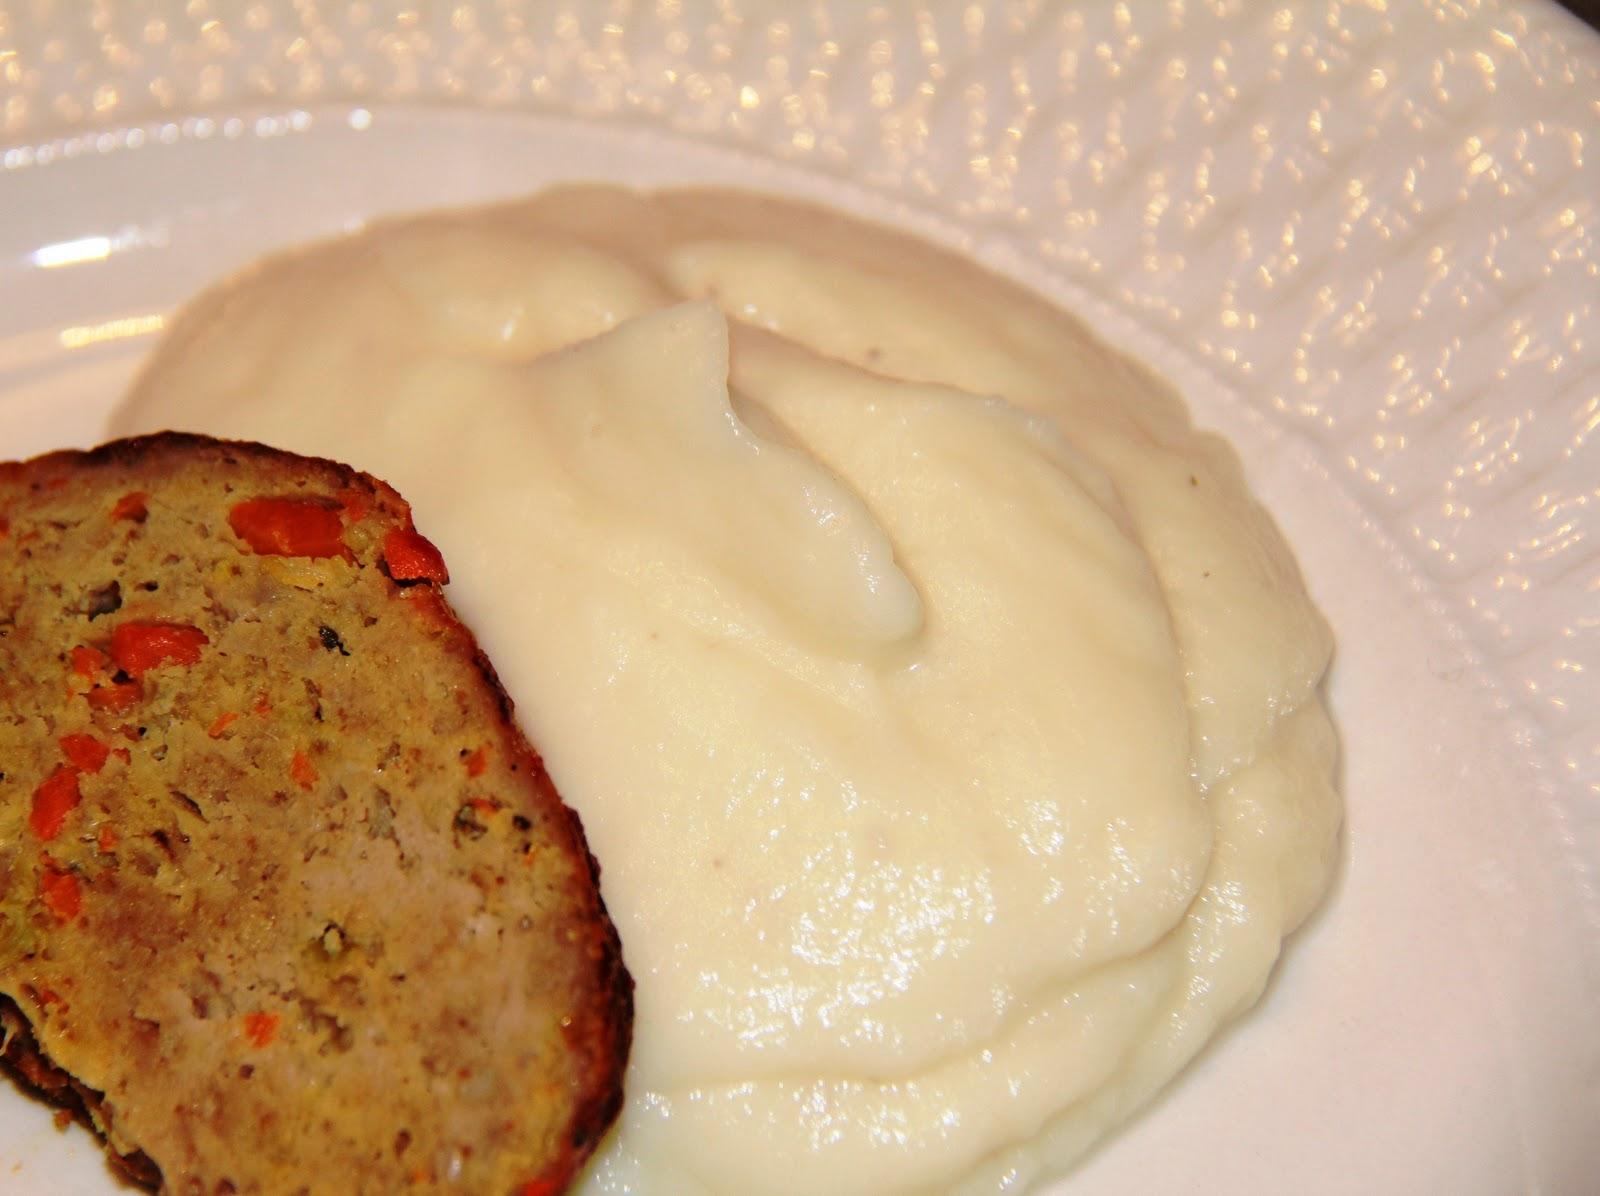 ... Kalonji Gobi Aloo Recipe Cauliflower Potato Stir Fry with Nigella